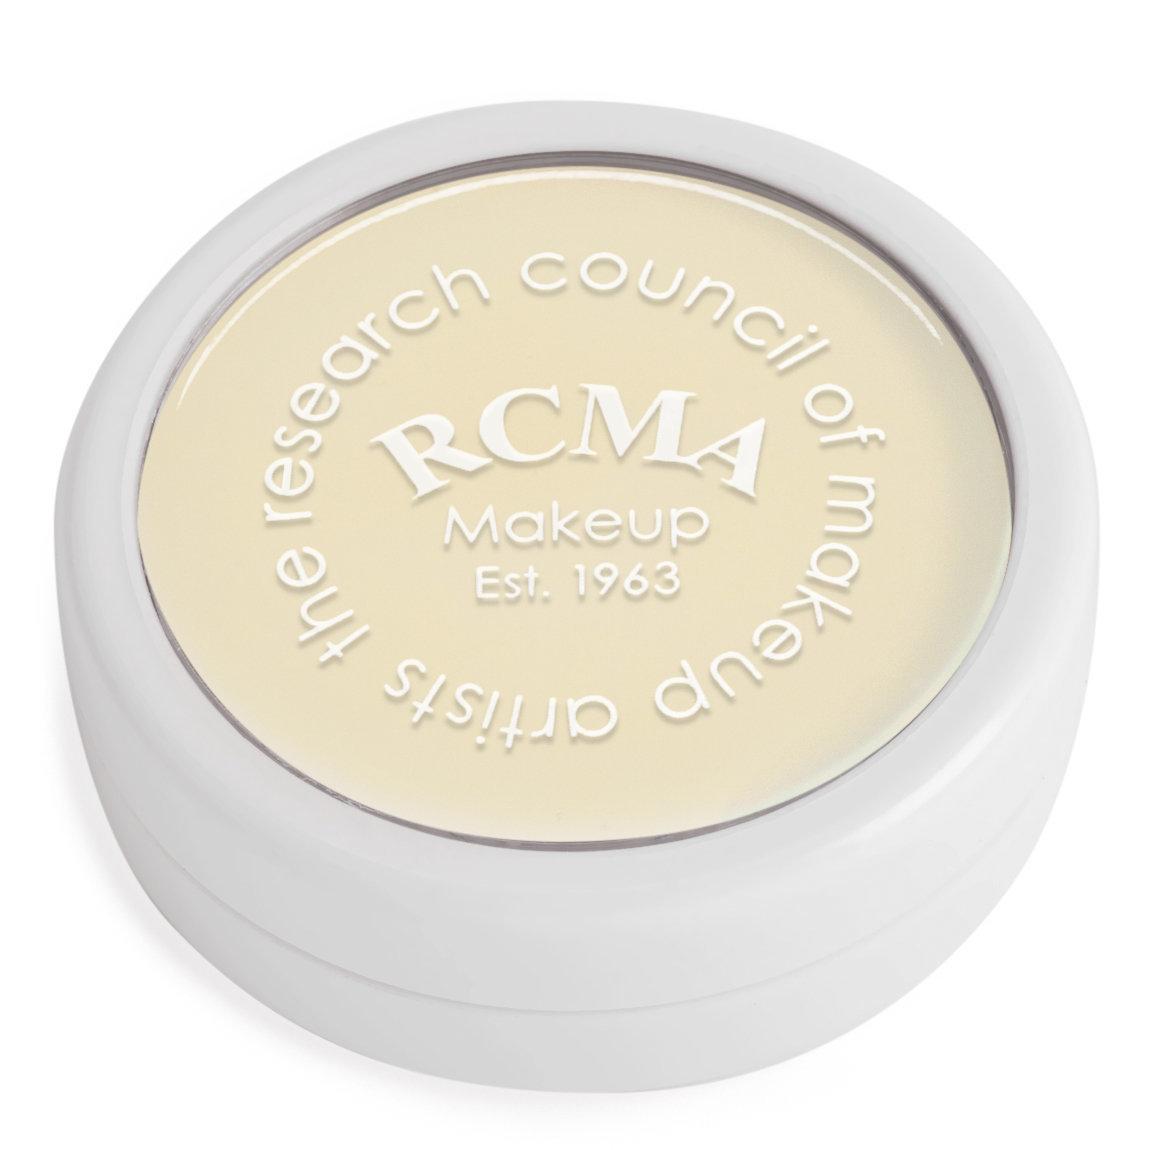 RCMA Makeup Color Process Foundation Clear 1/2 oz